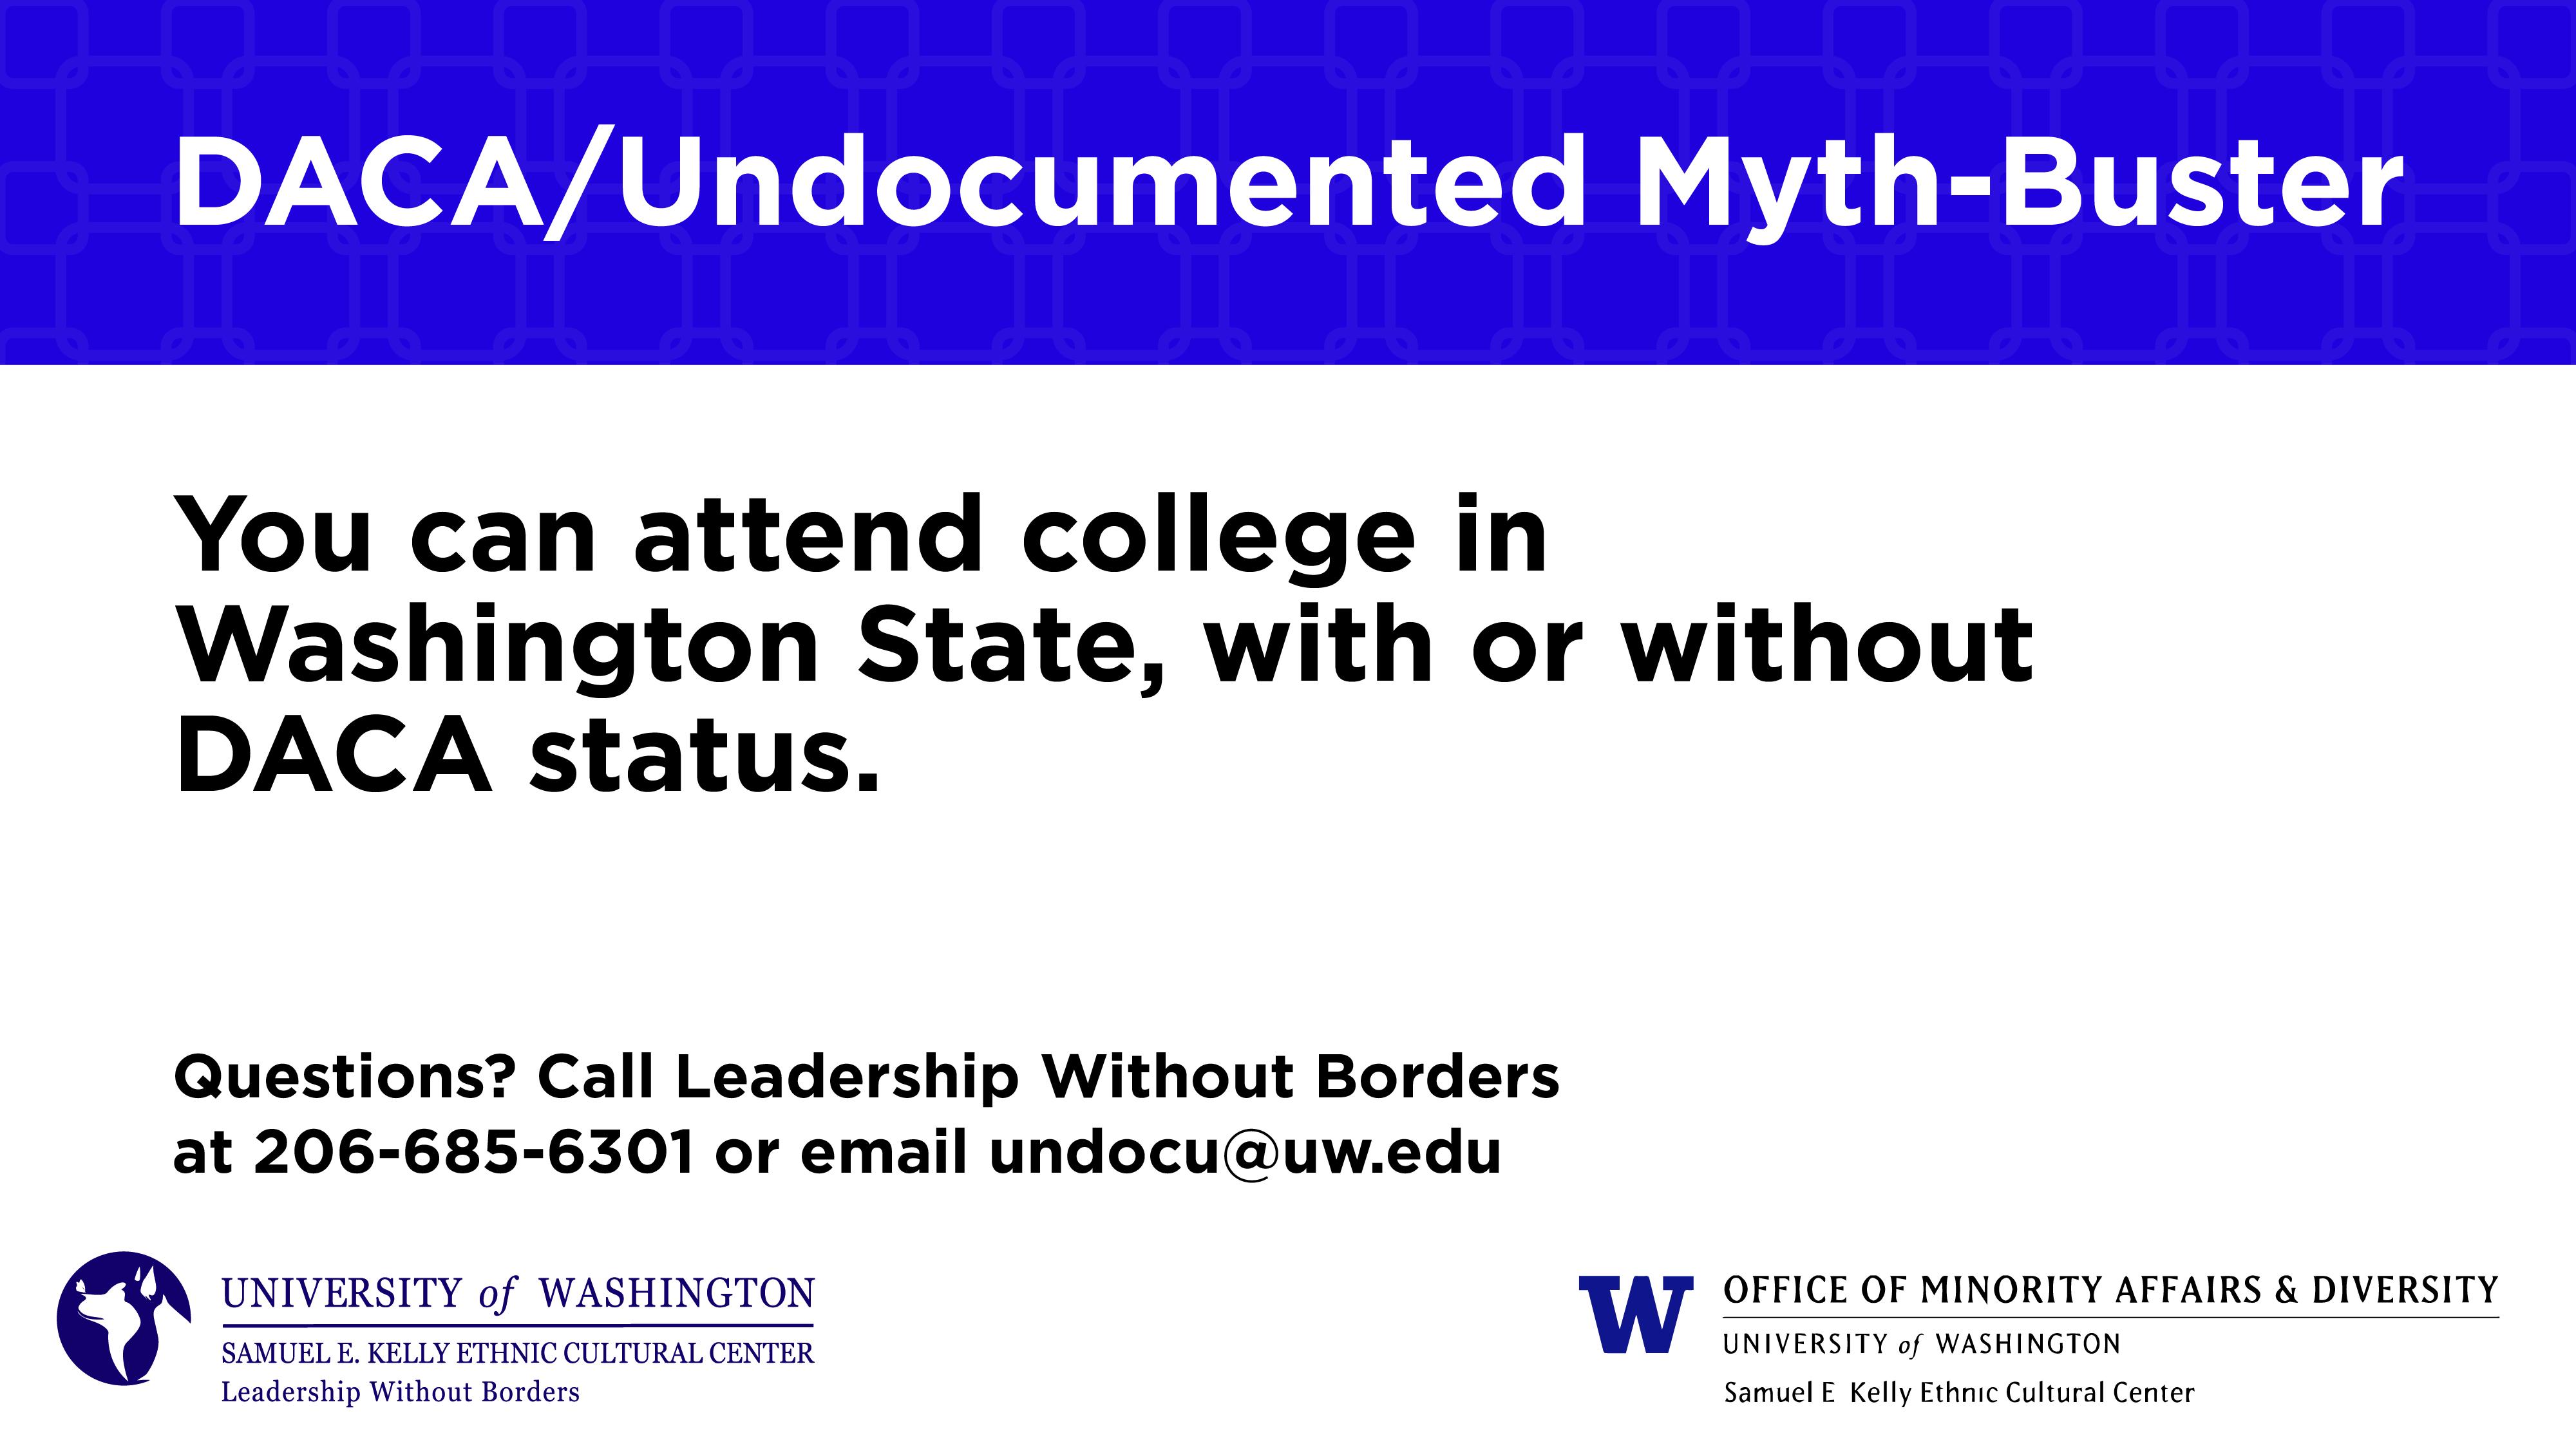 DACA Undocumented Myth-Buster_2